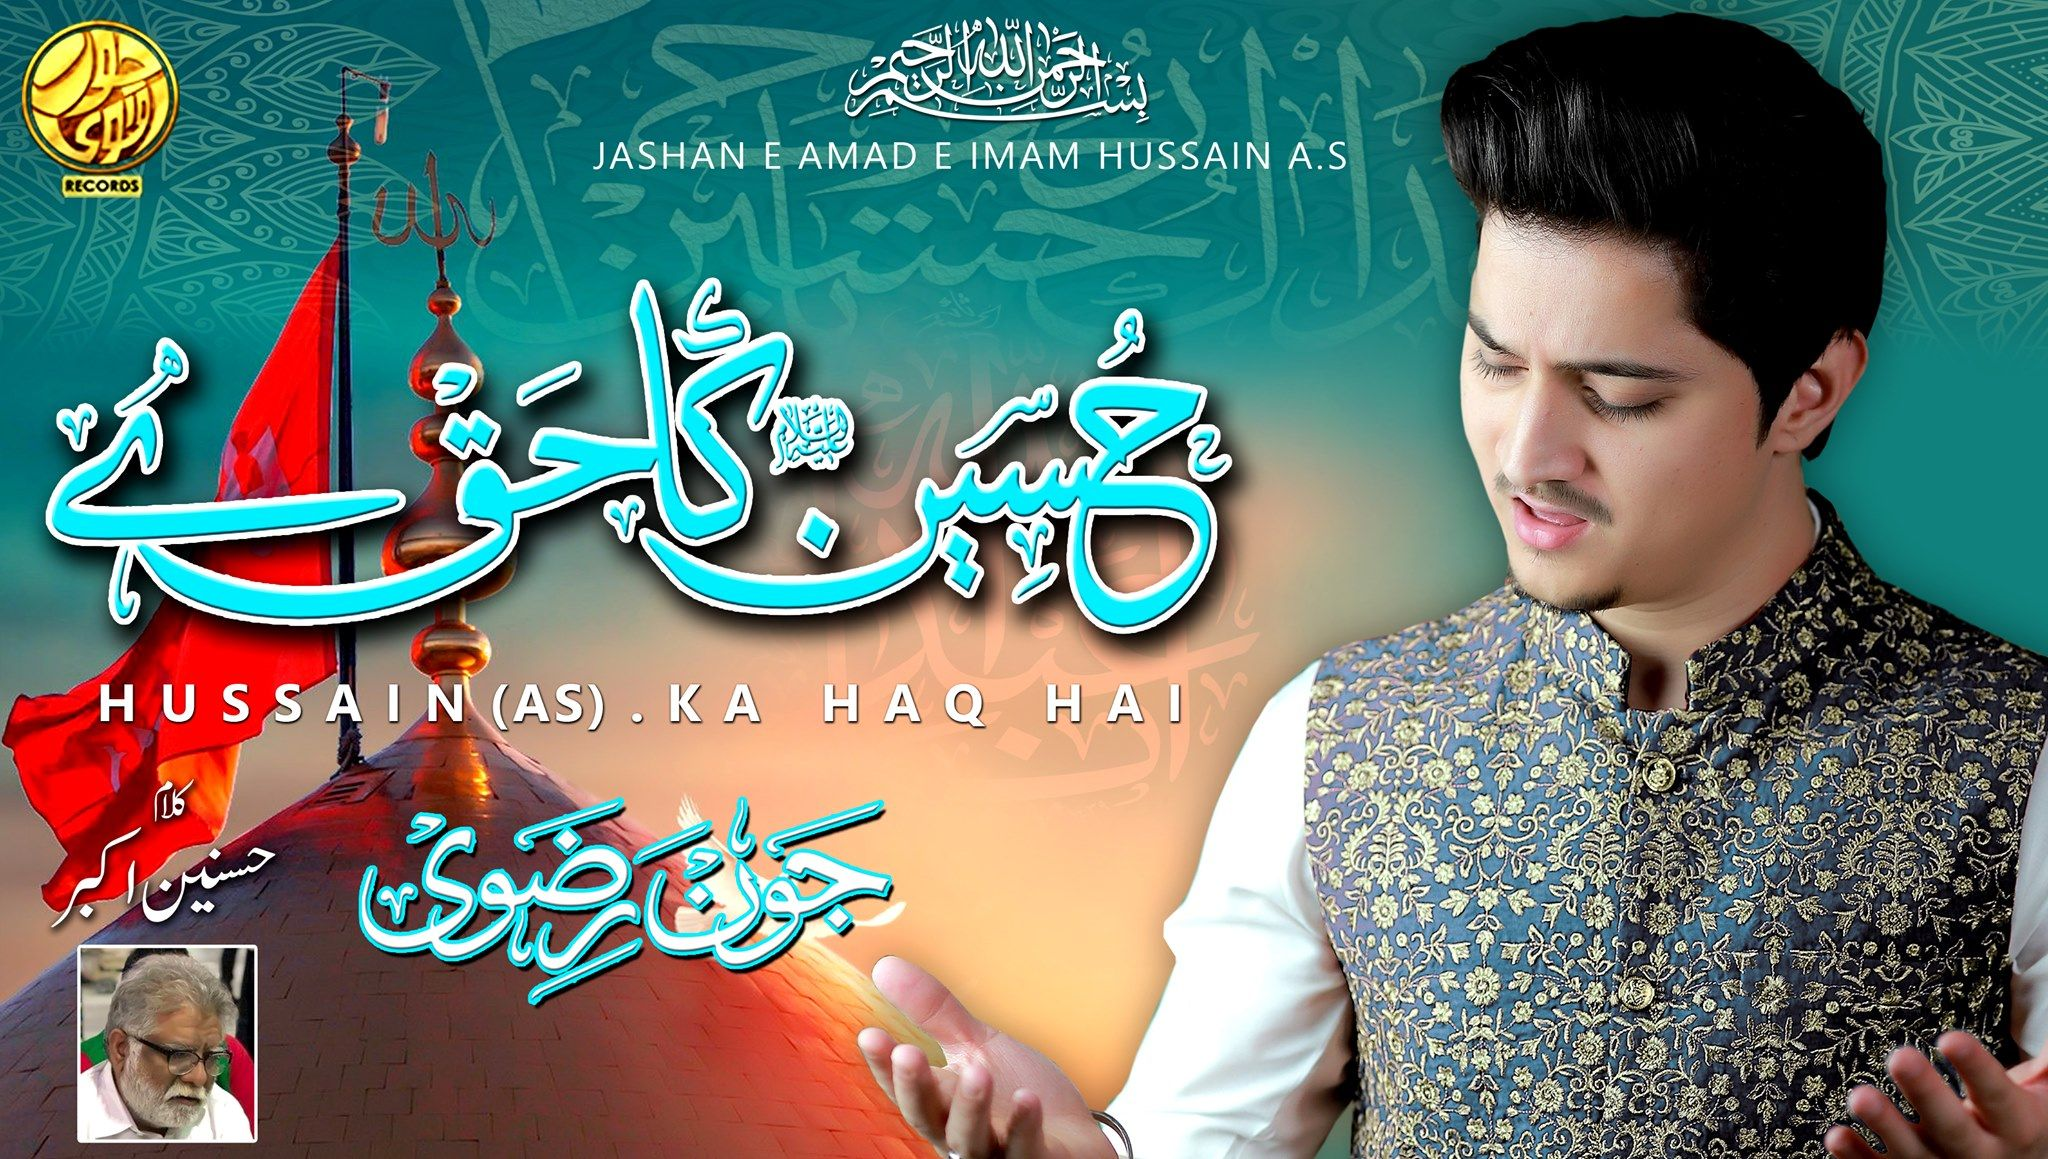 3 Shaban Manqabat 2020 - Hussain Ka Haq Hai - Joan Rizvi Manqabat 2020 - Manqabat Imam Hussain 2020